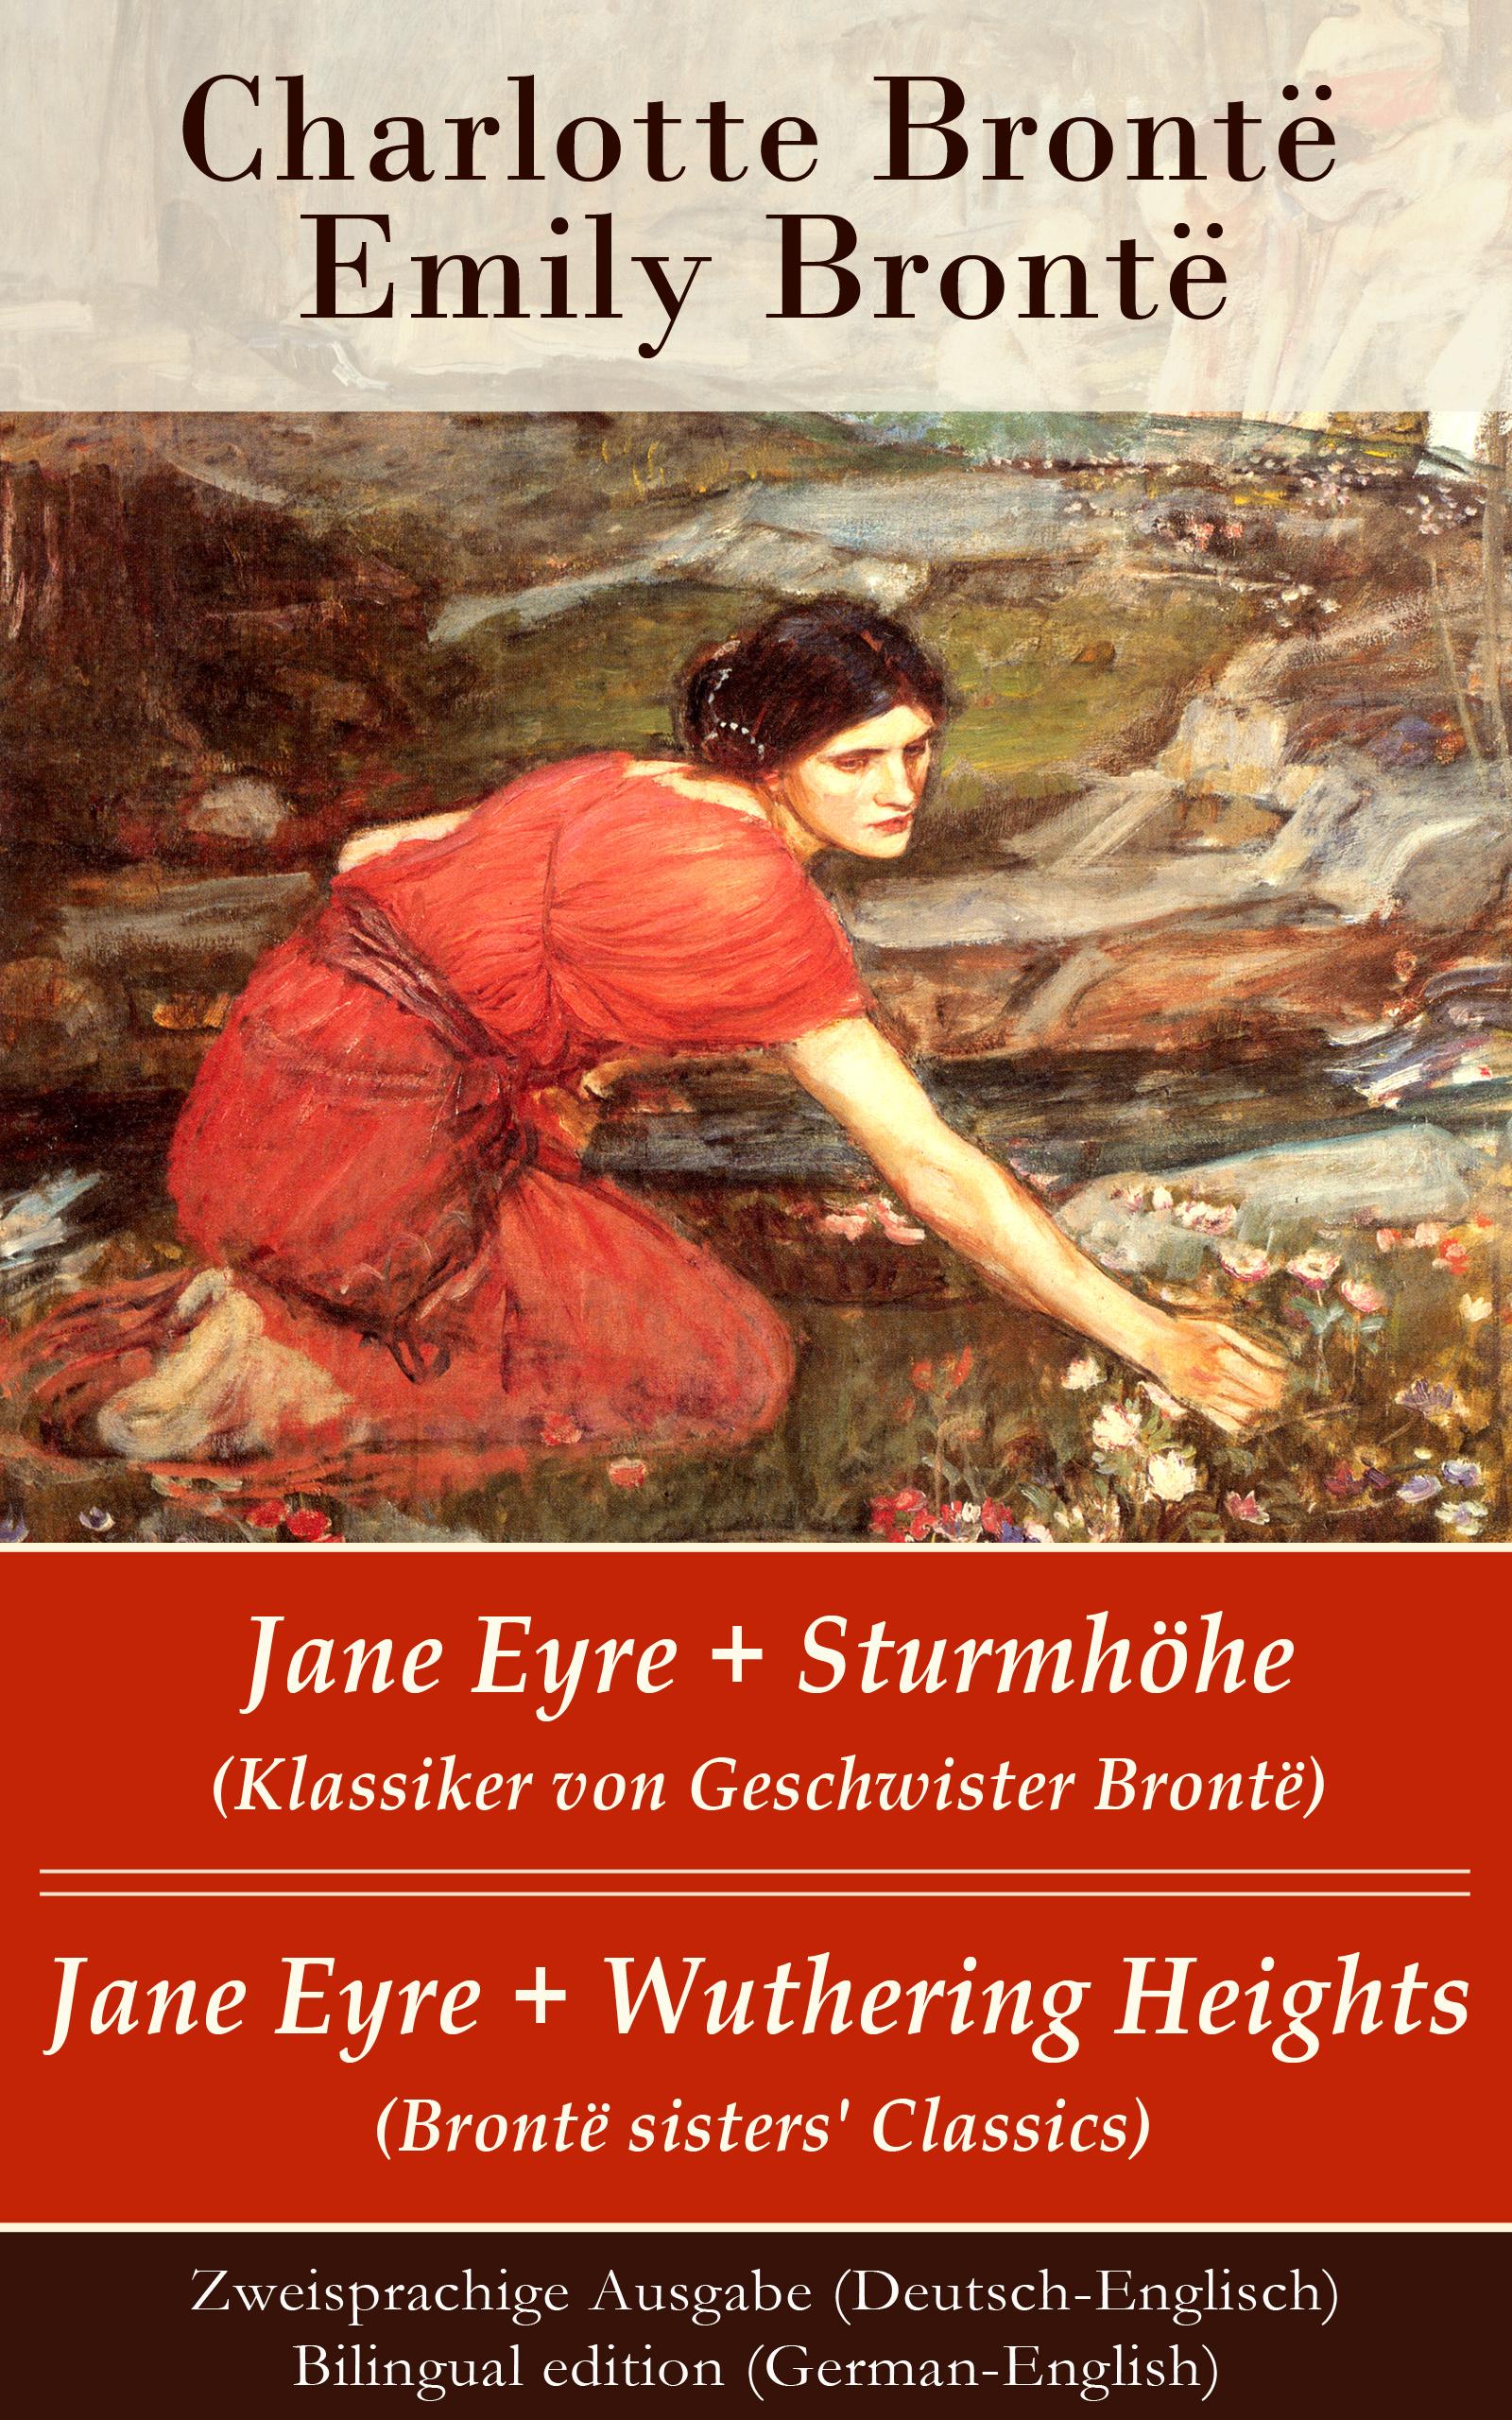 Эмили Бронте Jane Eyre + Sturmhöhe (Klassiker von Geschwister Brontë) / Jane Eyre + Wuthering Heights (Brontë sisters' Classics) - Zweisprachige Ausgabe (Deutsch-Englisch) / Bilingual edition (German-English) jane bronte jane eyre